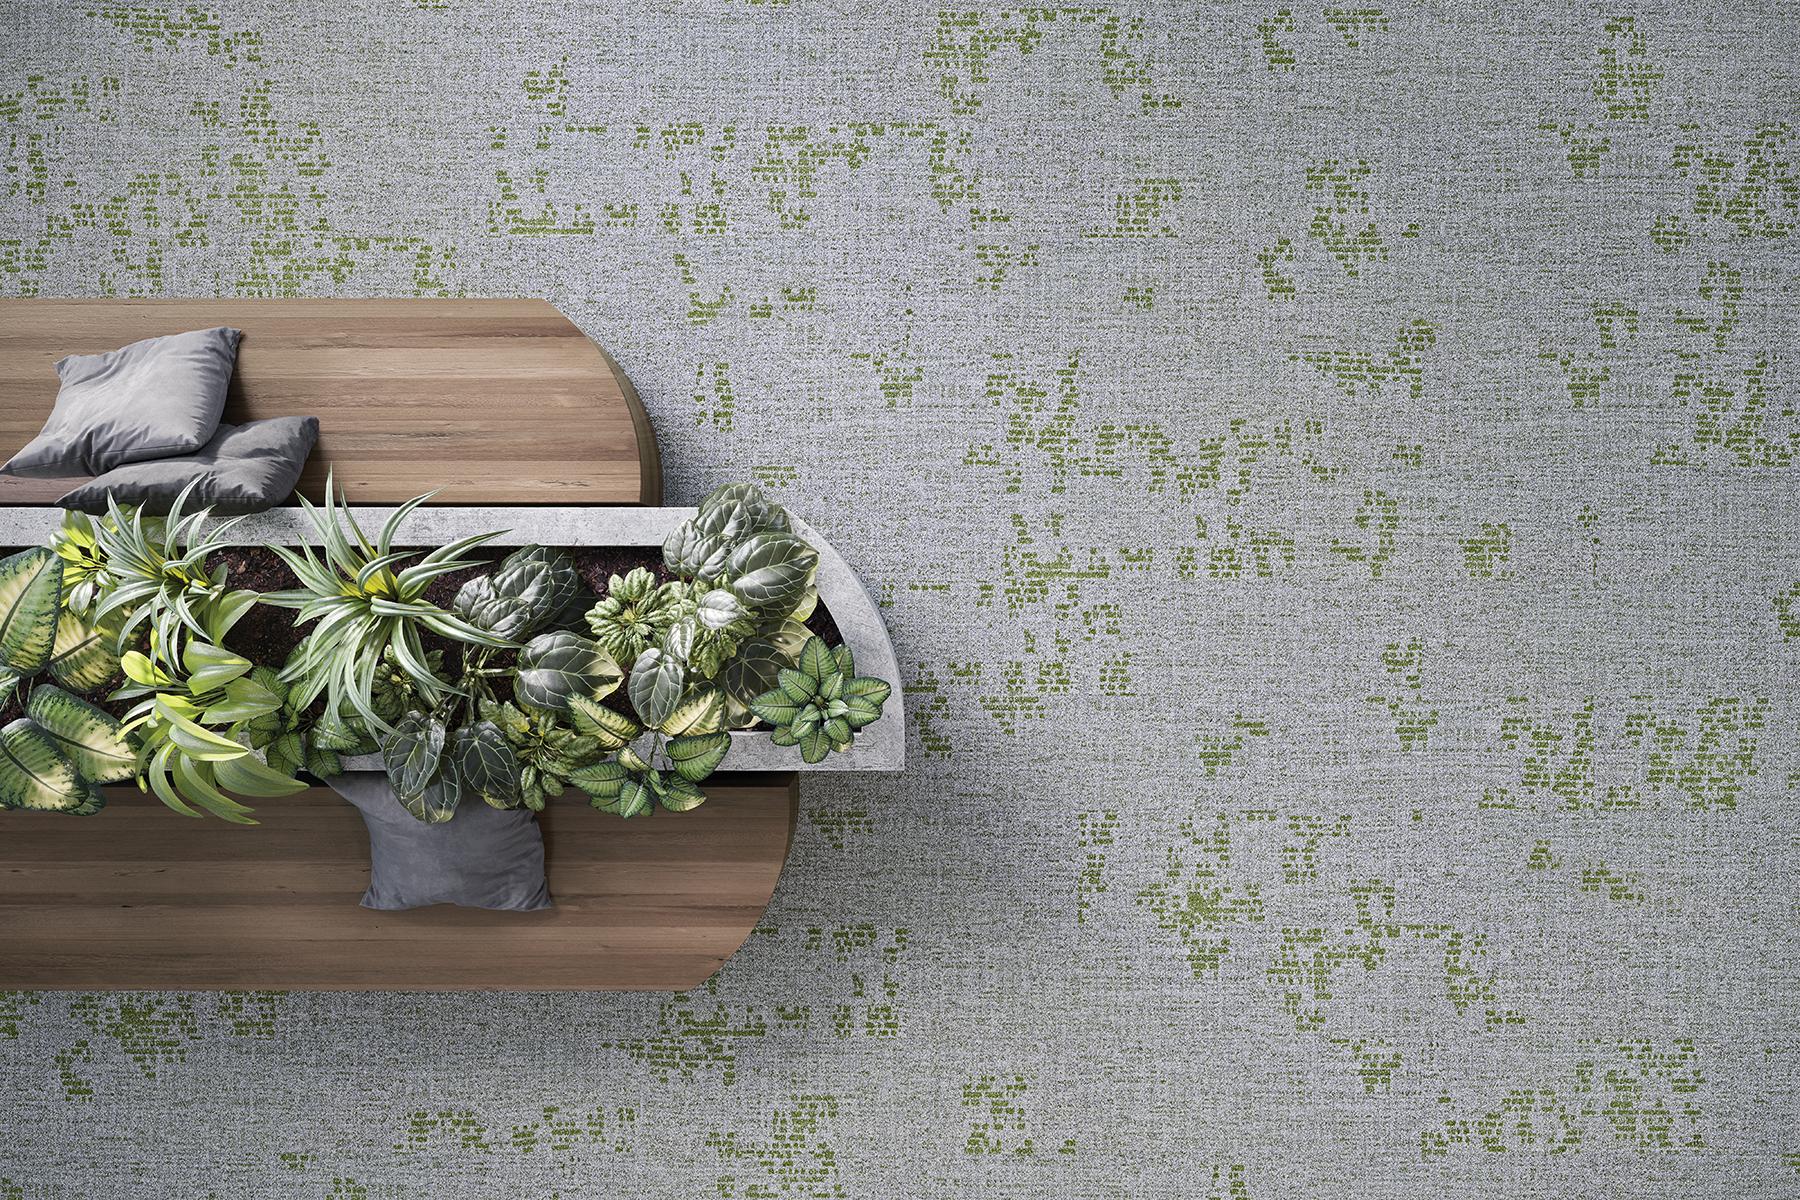 Biophilic Design tapijt vloerbedekking projectinrichting